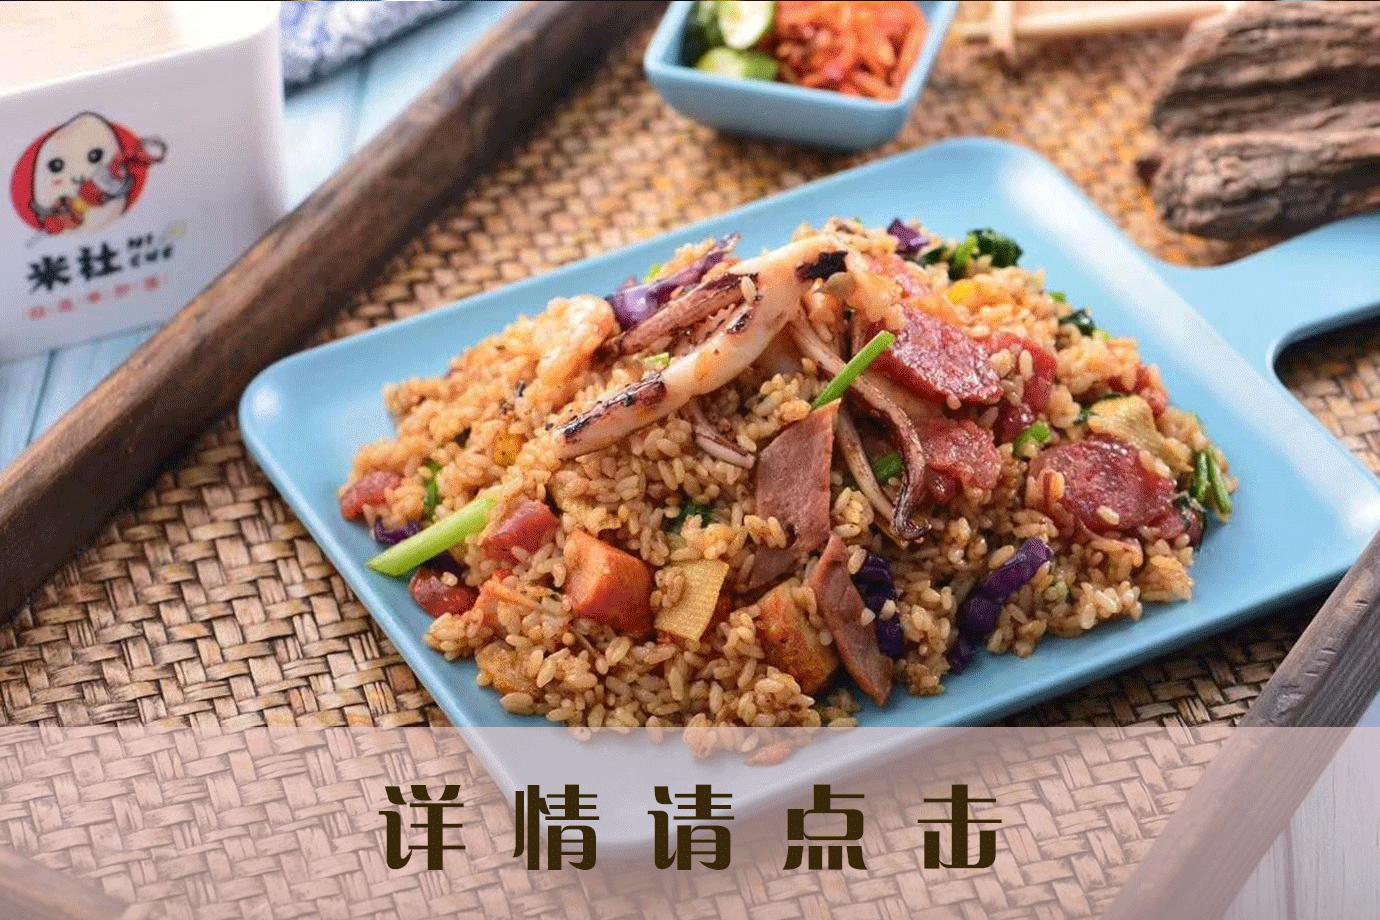 黑胡椒串炒饭